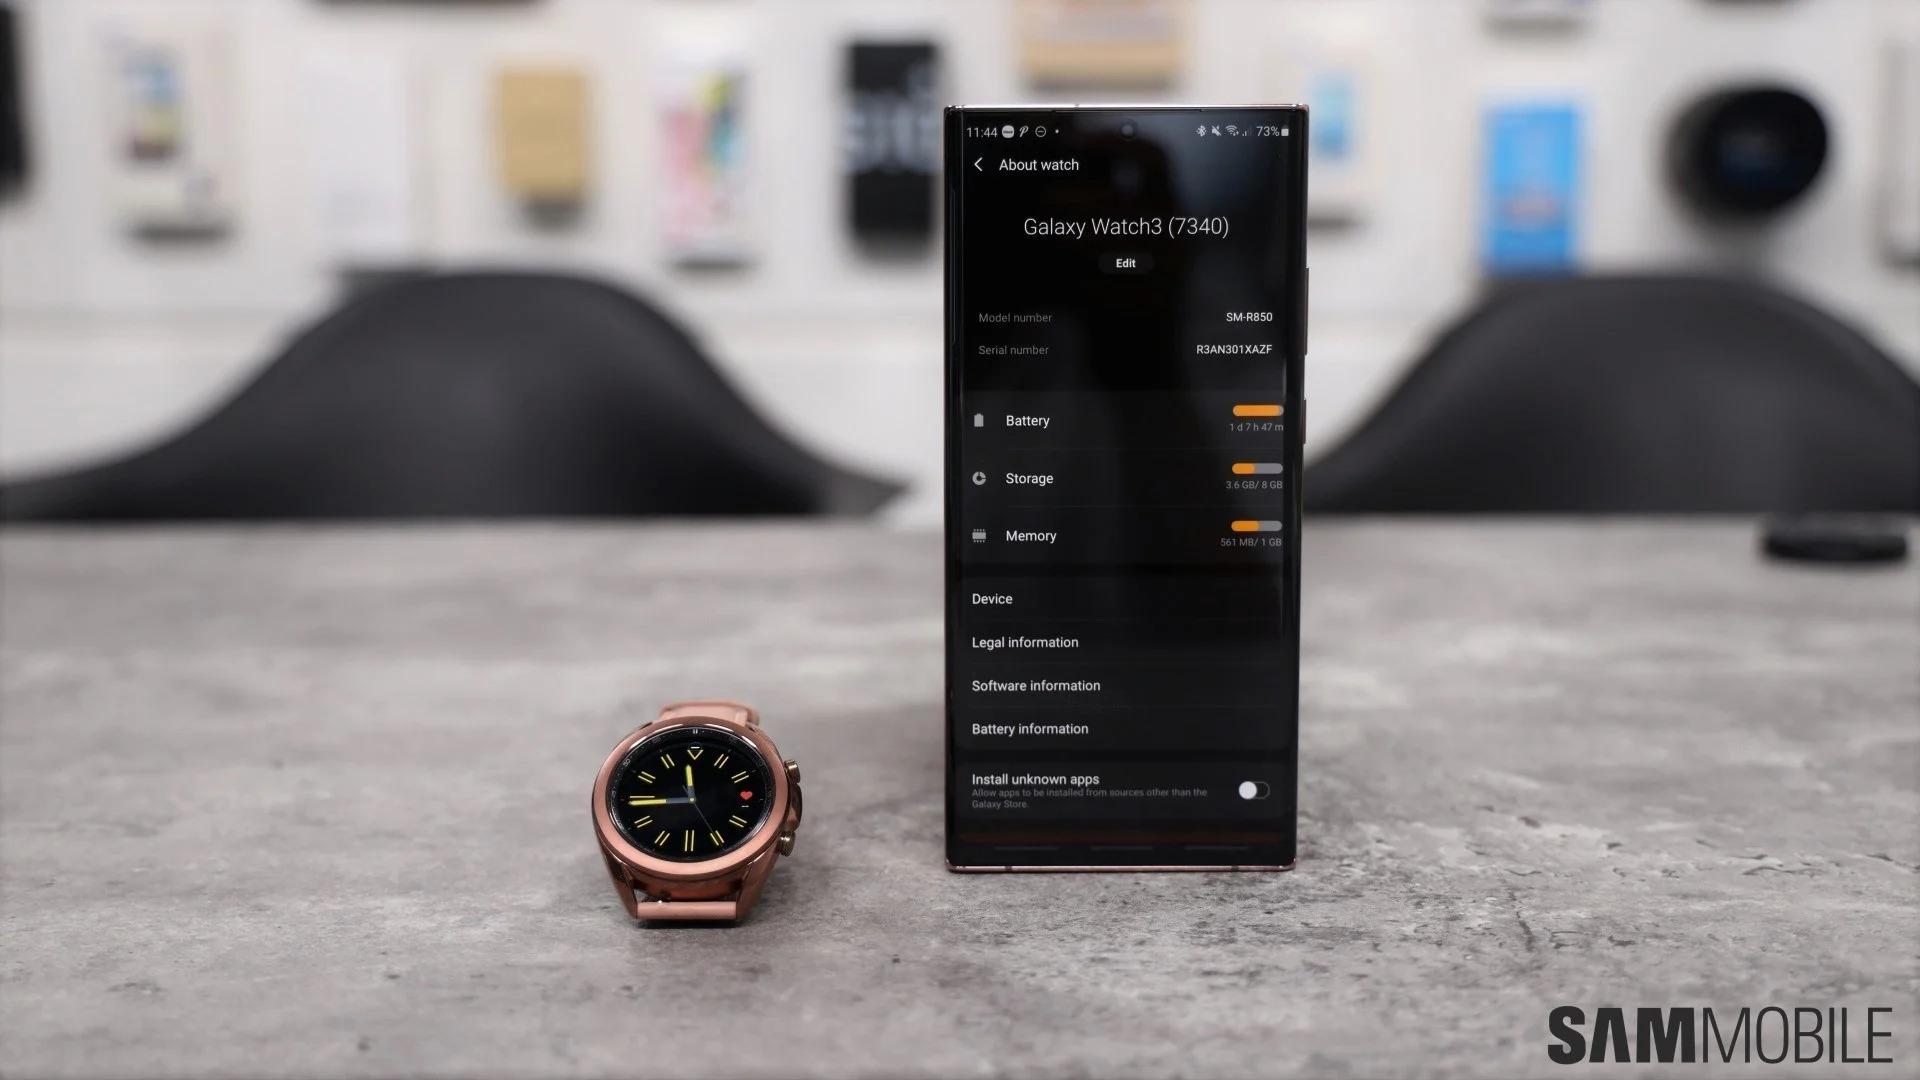 بررسی کامل و تخصصی ساعت هوشمند گلکسی واچ 3